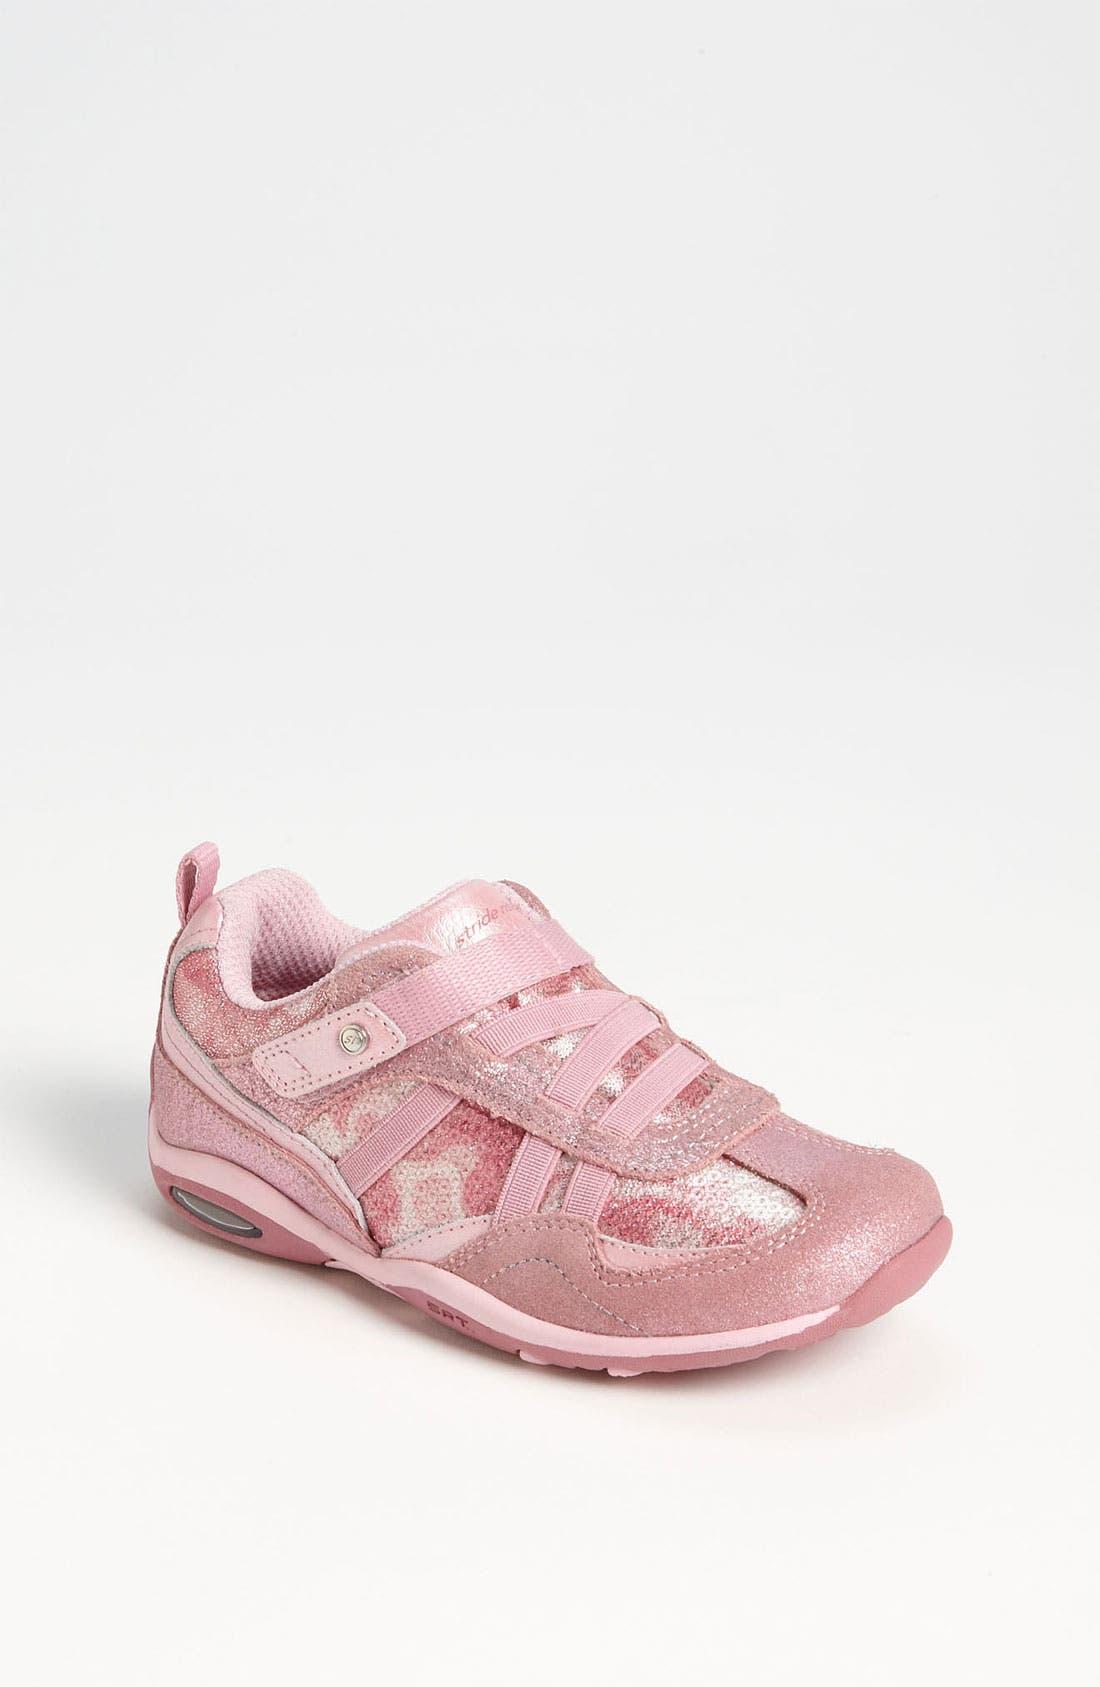 Alternate Image 1 Selected - Stride Rite 'Brandi' Sneaker (Toddler & Little Kid)